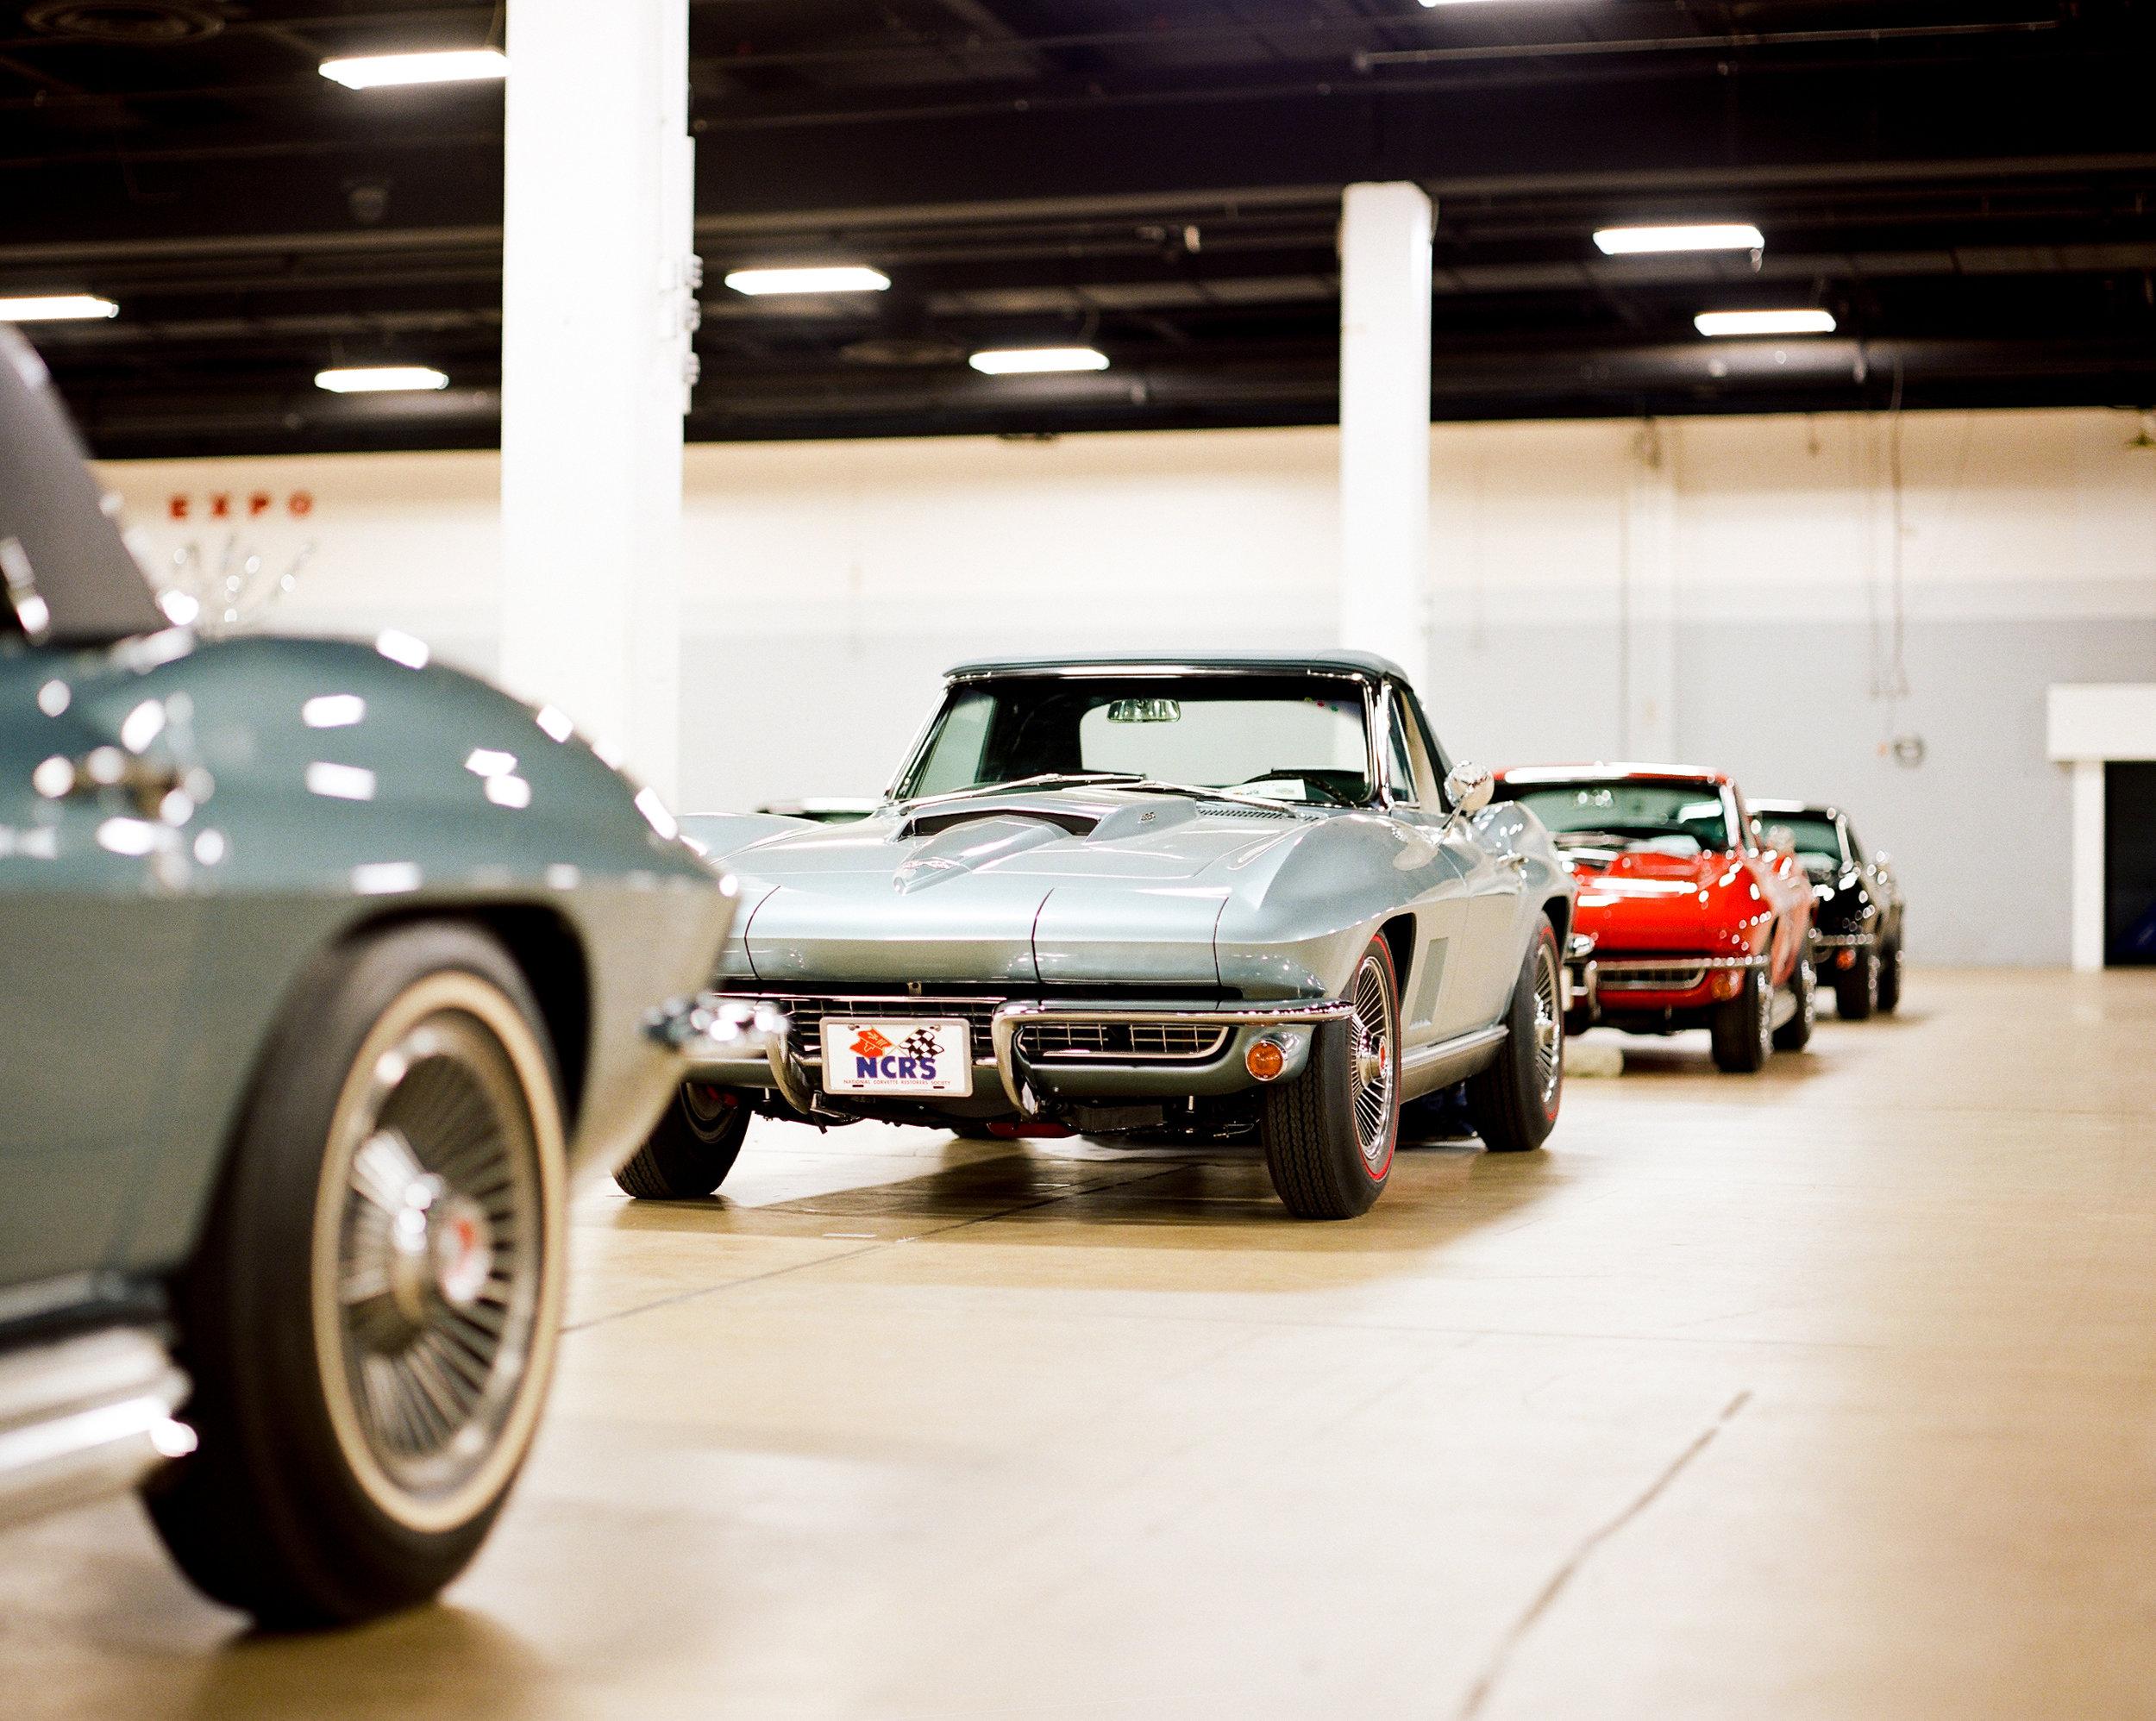 1967 Corvette Row on Film